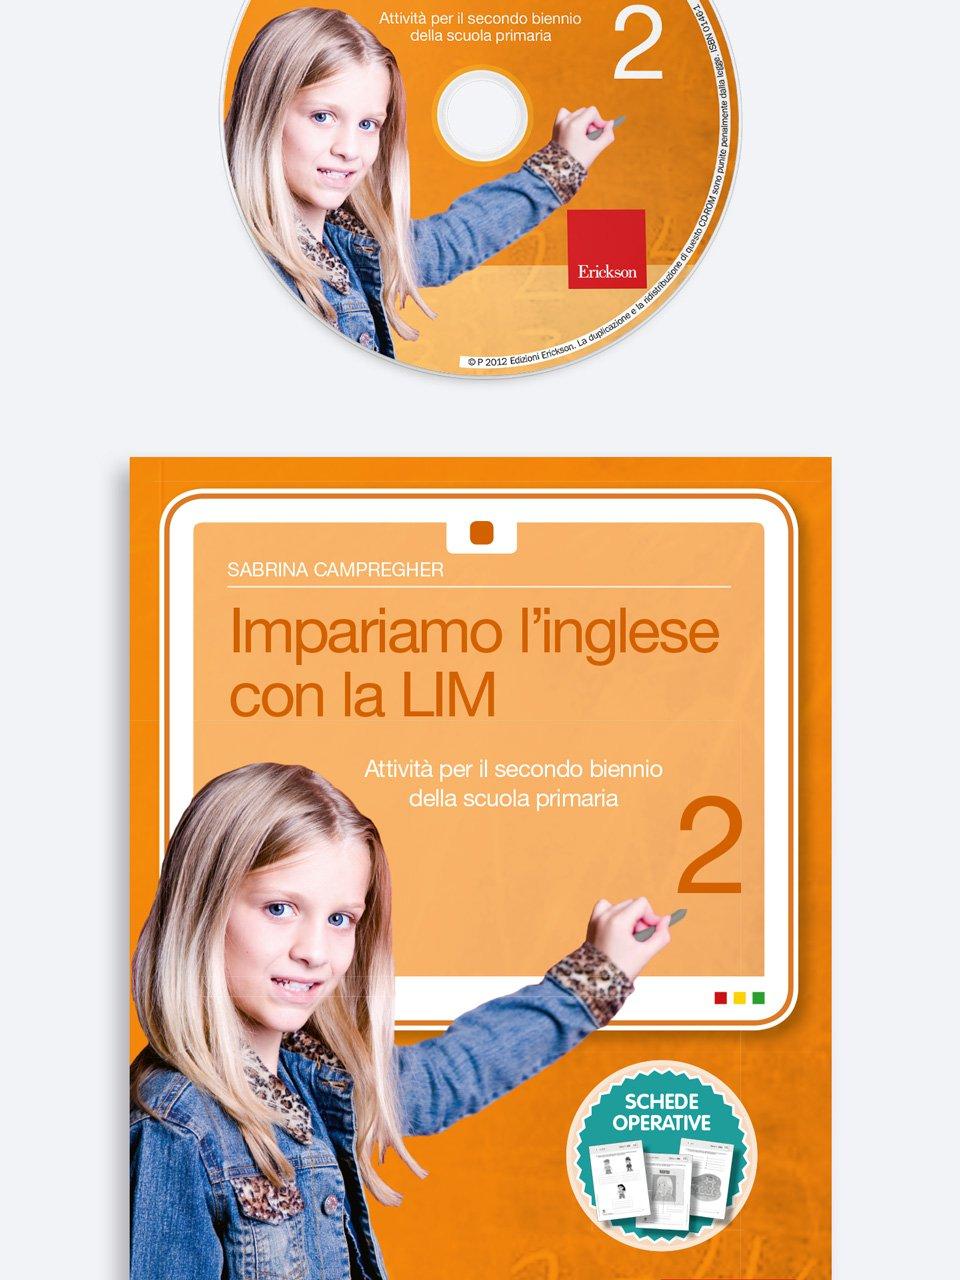 Impariamo l'inglese con la LIM 2 - My First Word Games - App e software - Erickson